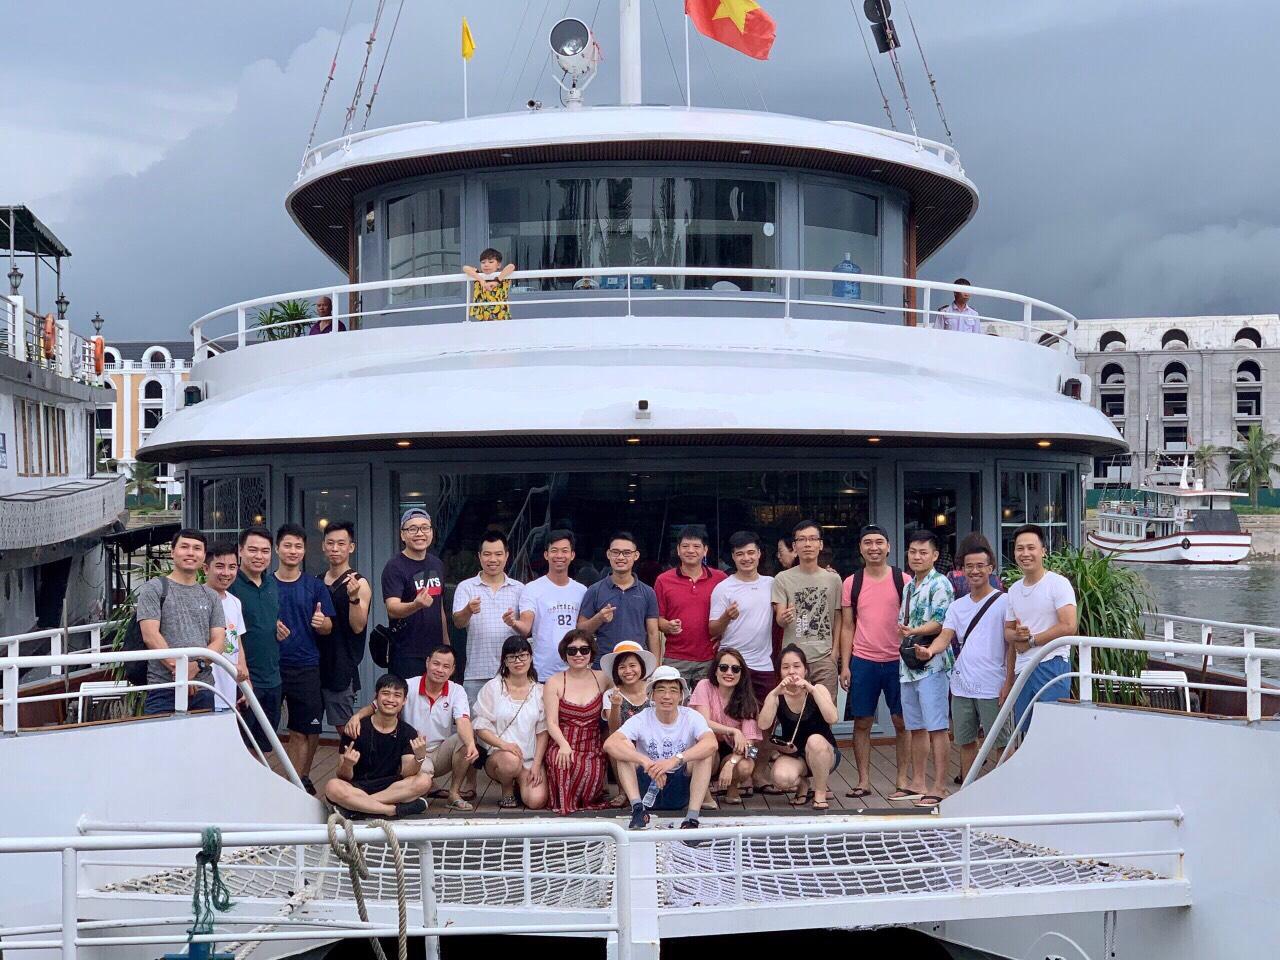 du thuyền Catamaran 9